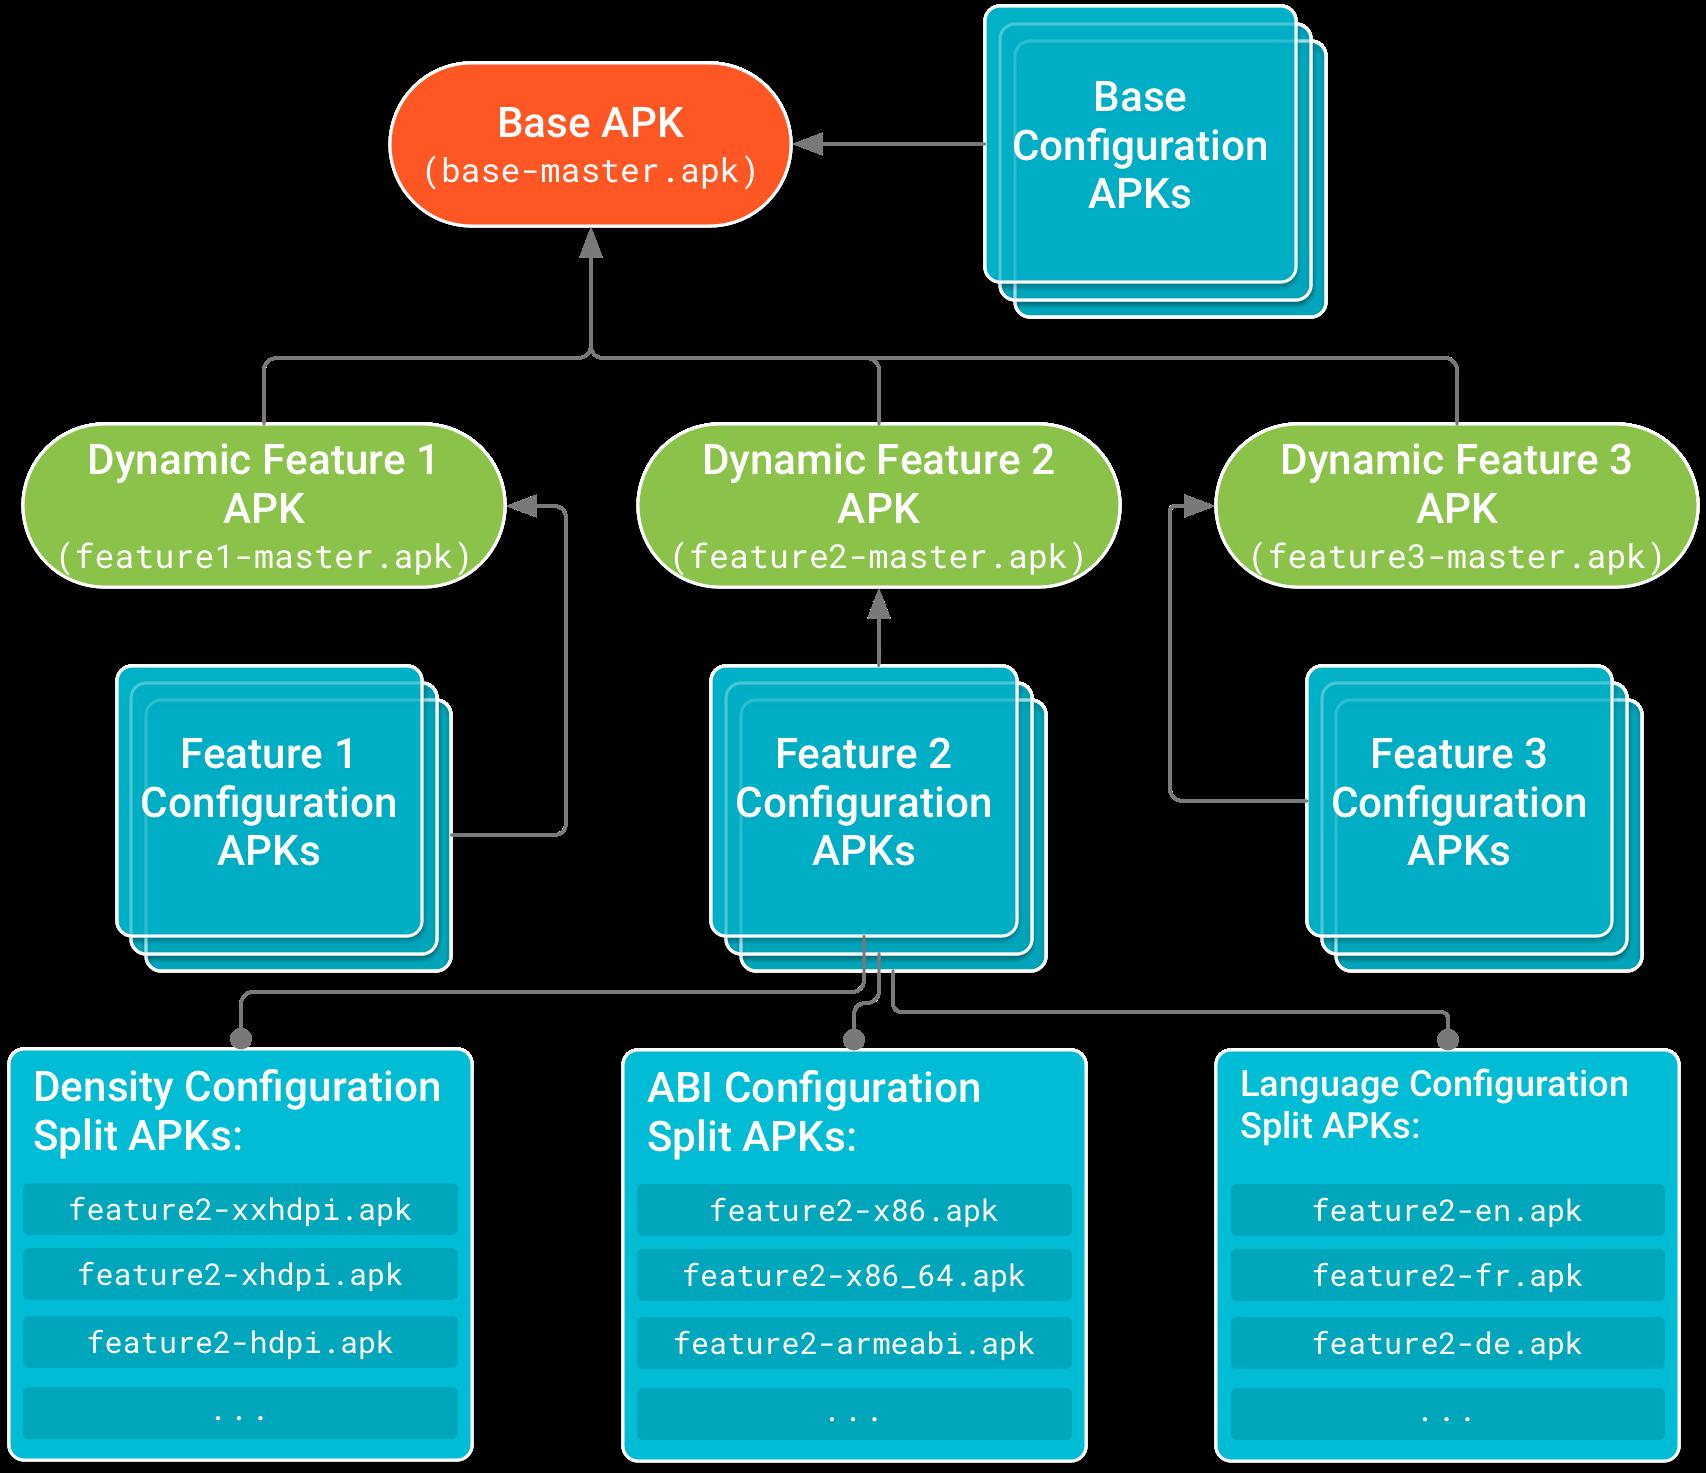 基本 APK 位于树的头部,并有功能模块 APK 依赖于基本 APK。配置 APK 构成依赖关系树的叶节点,此类 APK 中包含了基本 APK 和各个功能模块 APK 的设备配置专用代码和资源。